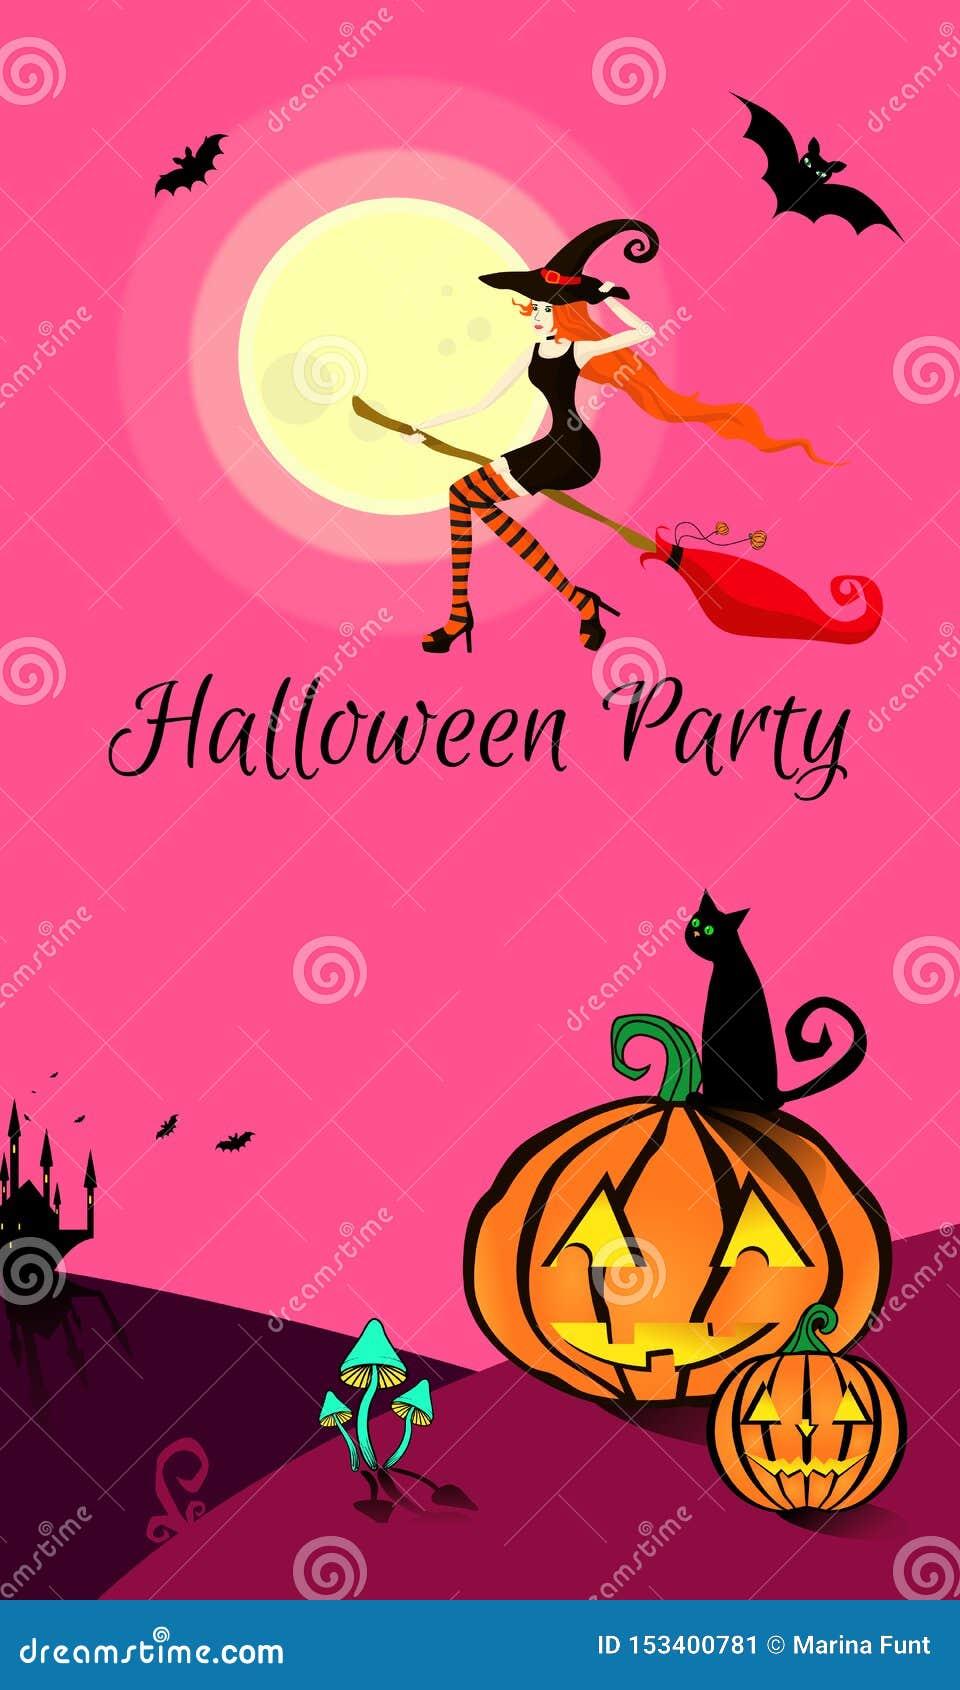 La bruja hermosa joven en un vestido, un sombrero y medias apretados negros vuela en un palo de escoba para un partido de Hallowe